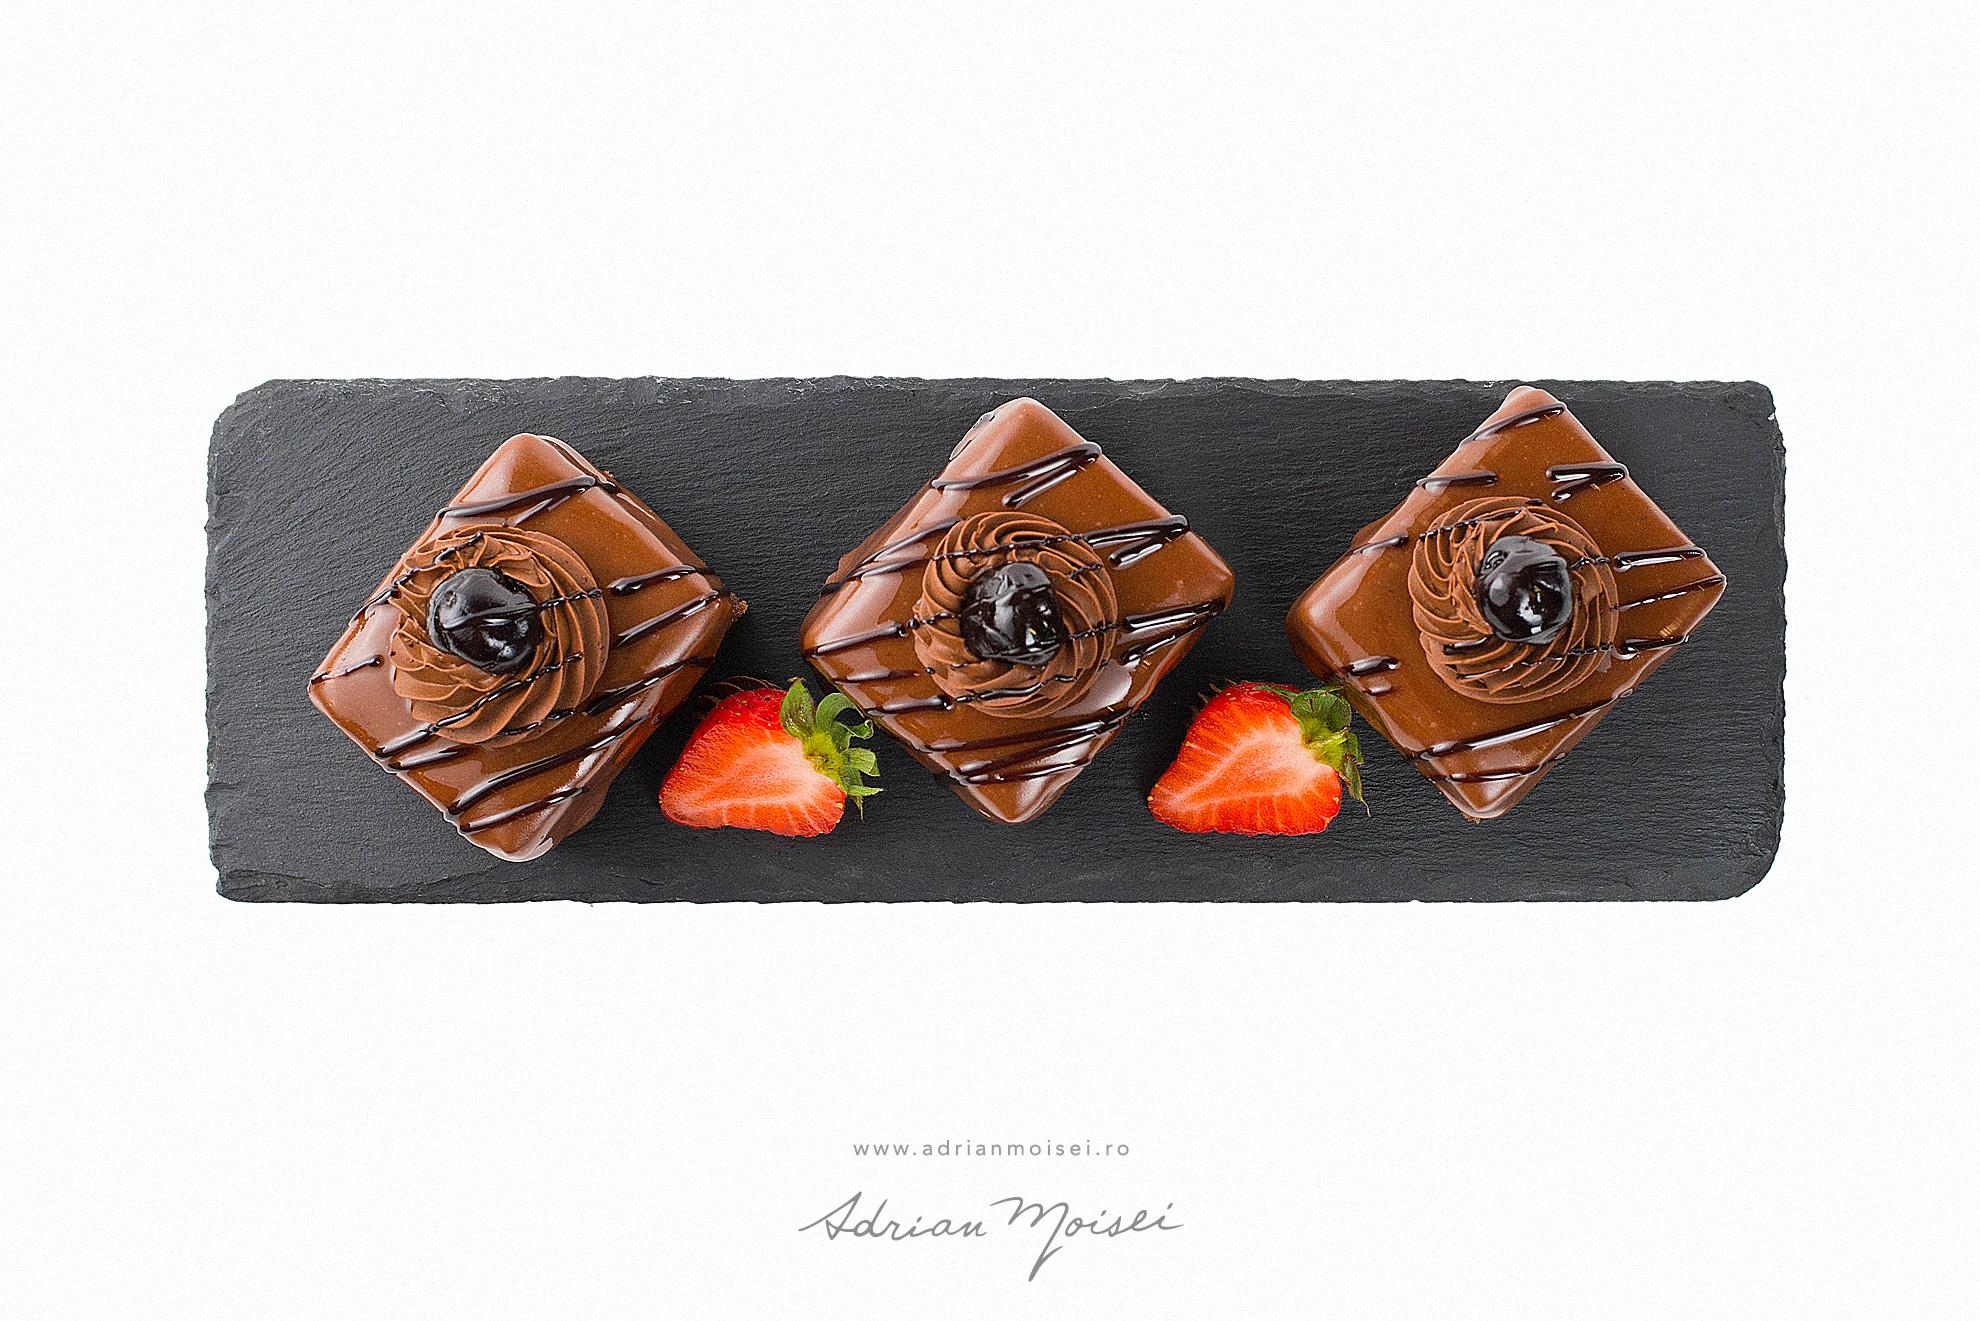 Prajitura cofetaria palibo fotografie de produs Iasi fotograf culinar Adrian Moisei